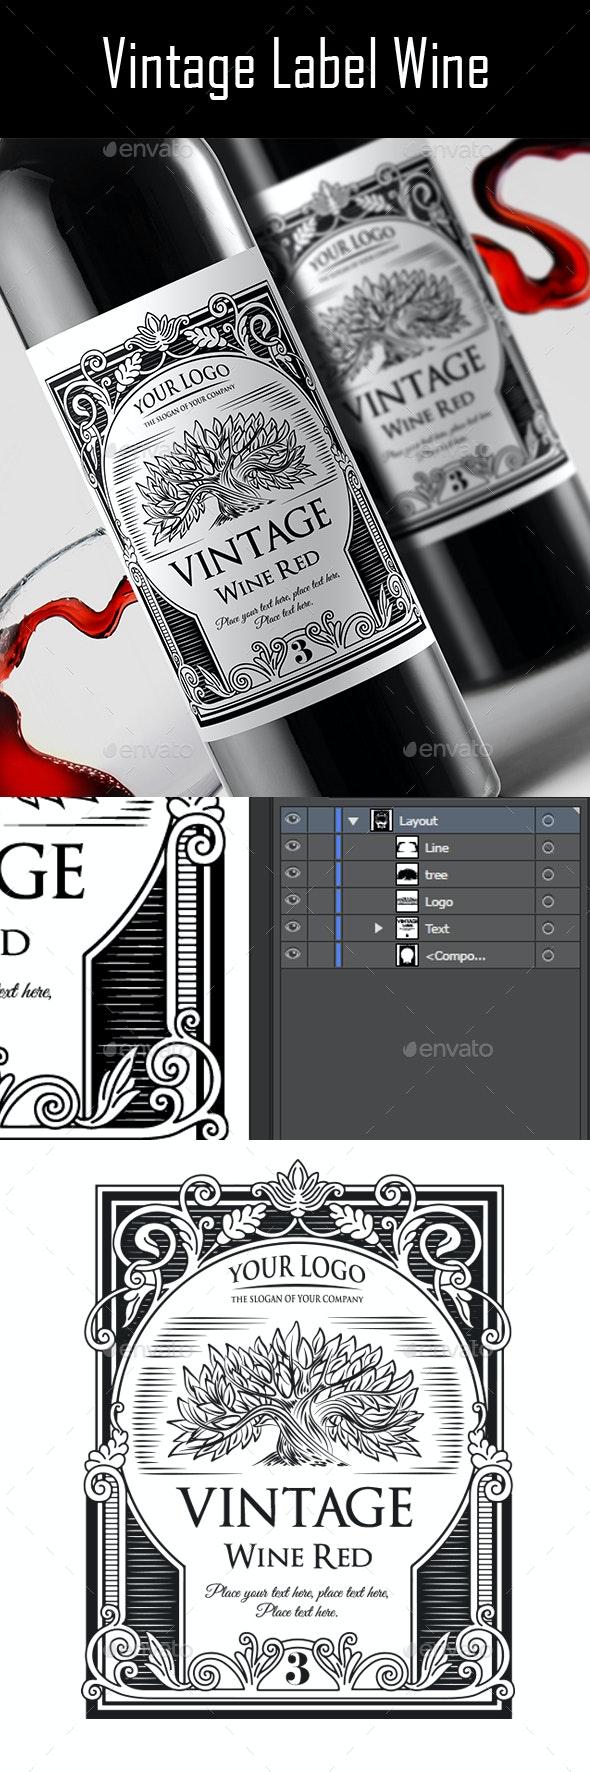 Vintage Label Wine v.2 - Packaging Print Templates